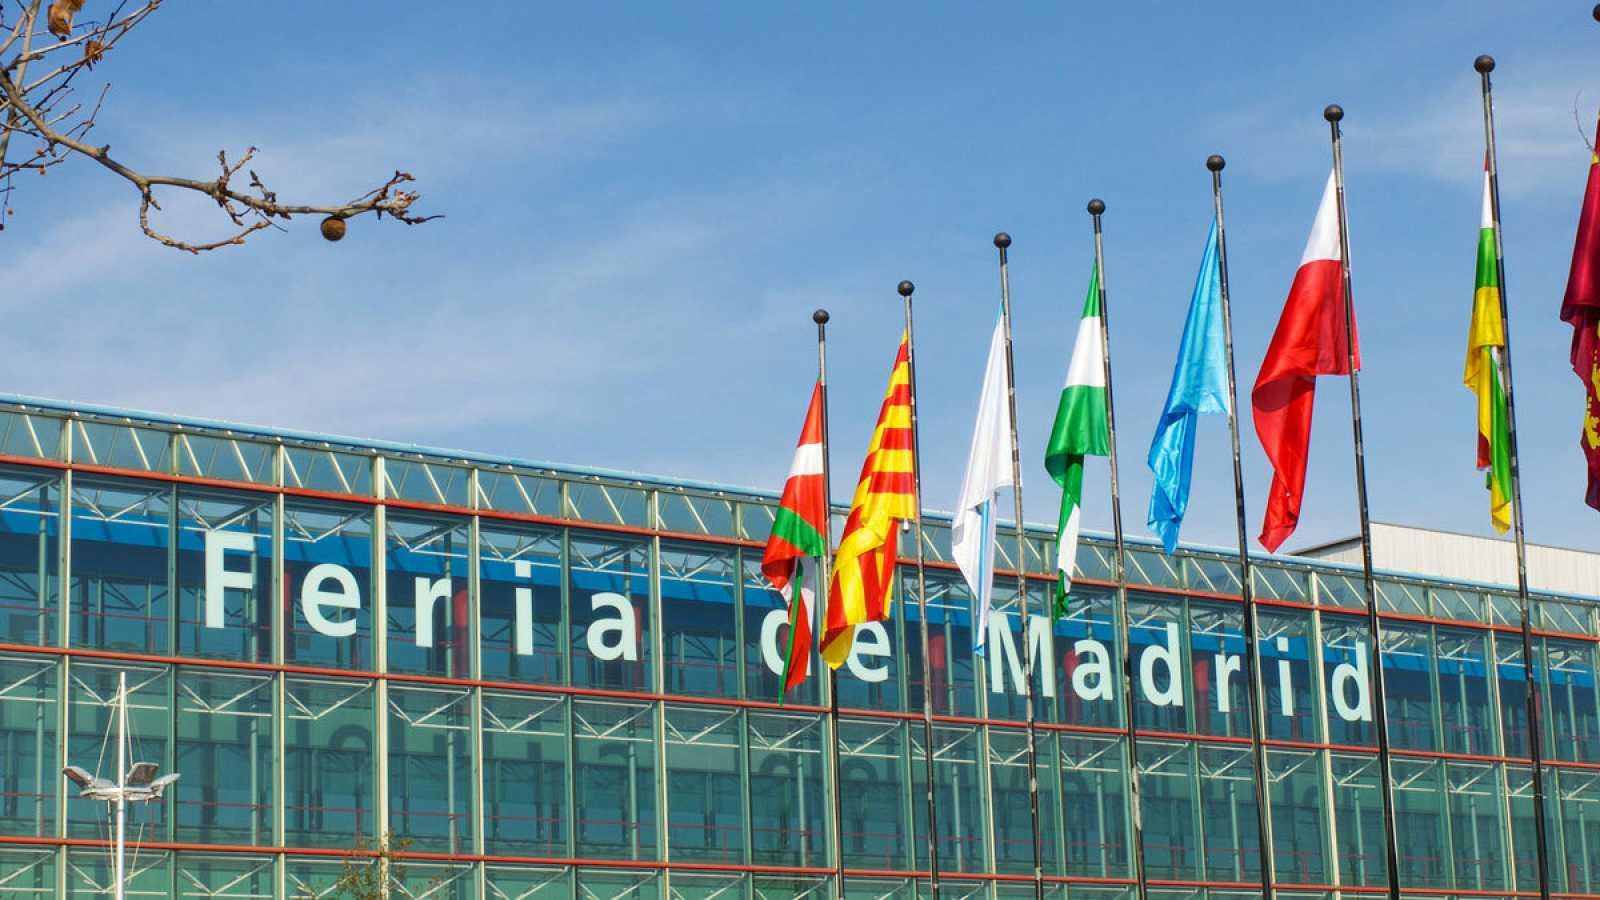 Imagen de Ifema, recinto donde se organizará la COP25 de Madrid